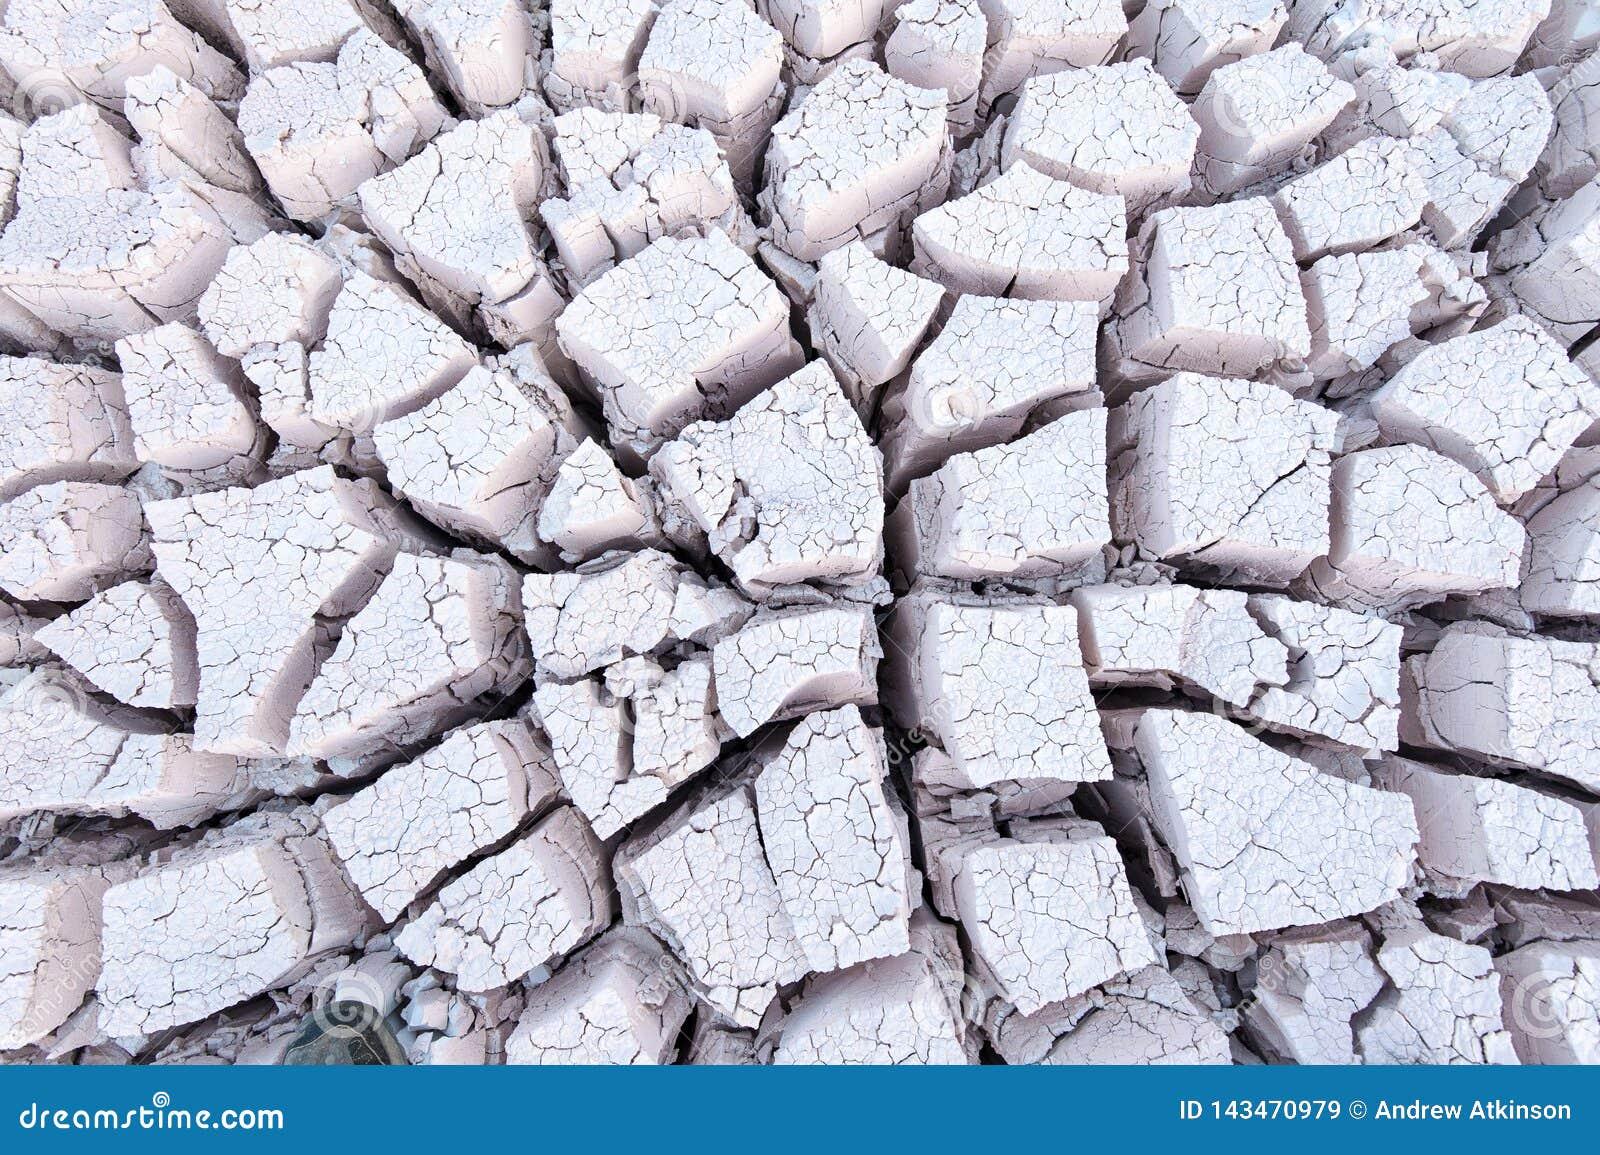 Het bekijken neer op droge gebarsten grijze witte modder die patronen vormen de bodem van een rivierbed